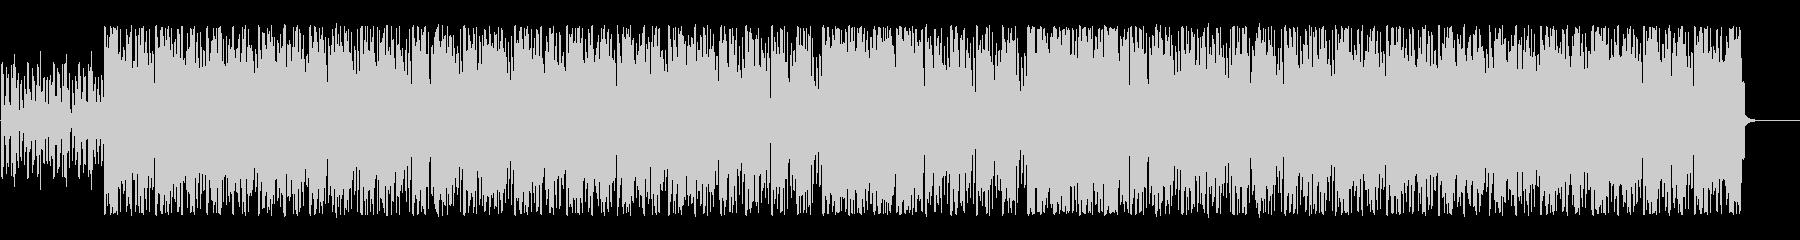 ガムラン等による奇異なケルト音楽の未再生の波形